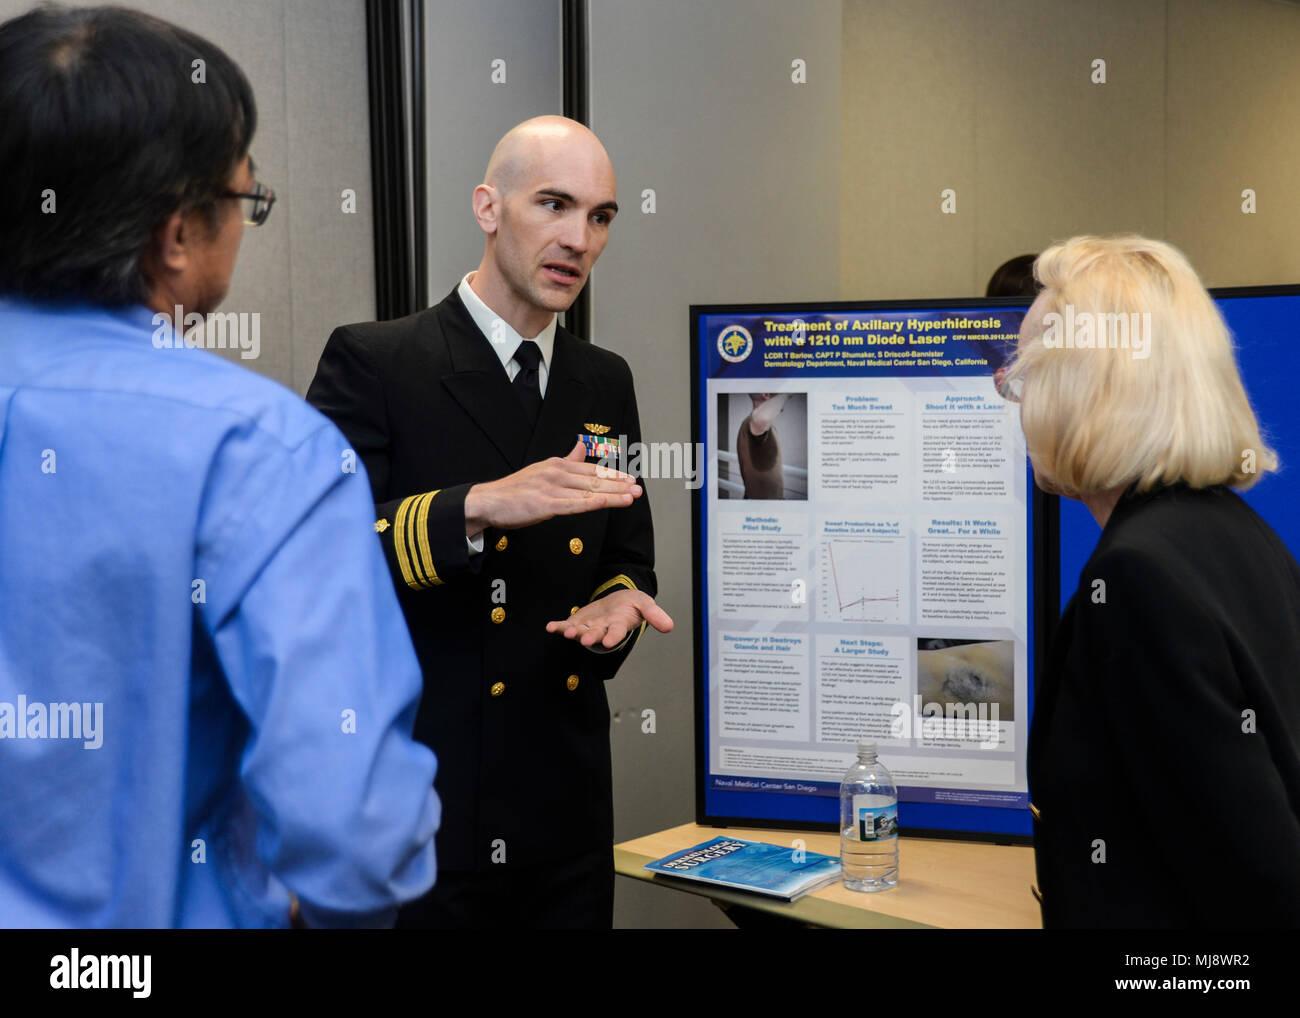 Navy Medical Center San Diego Stock Photos & Navy Medical